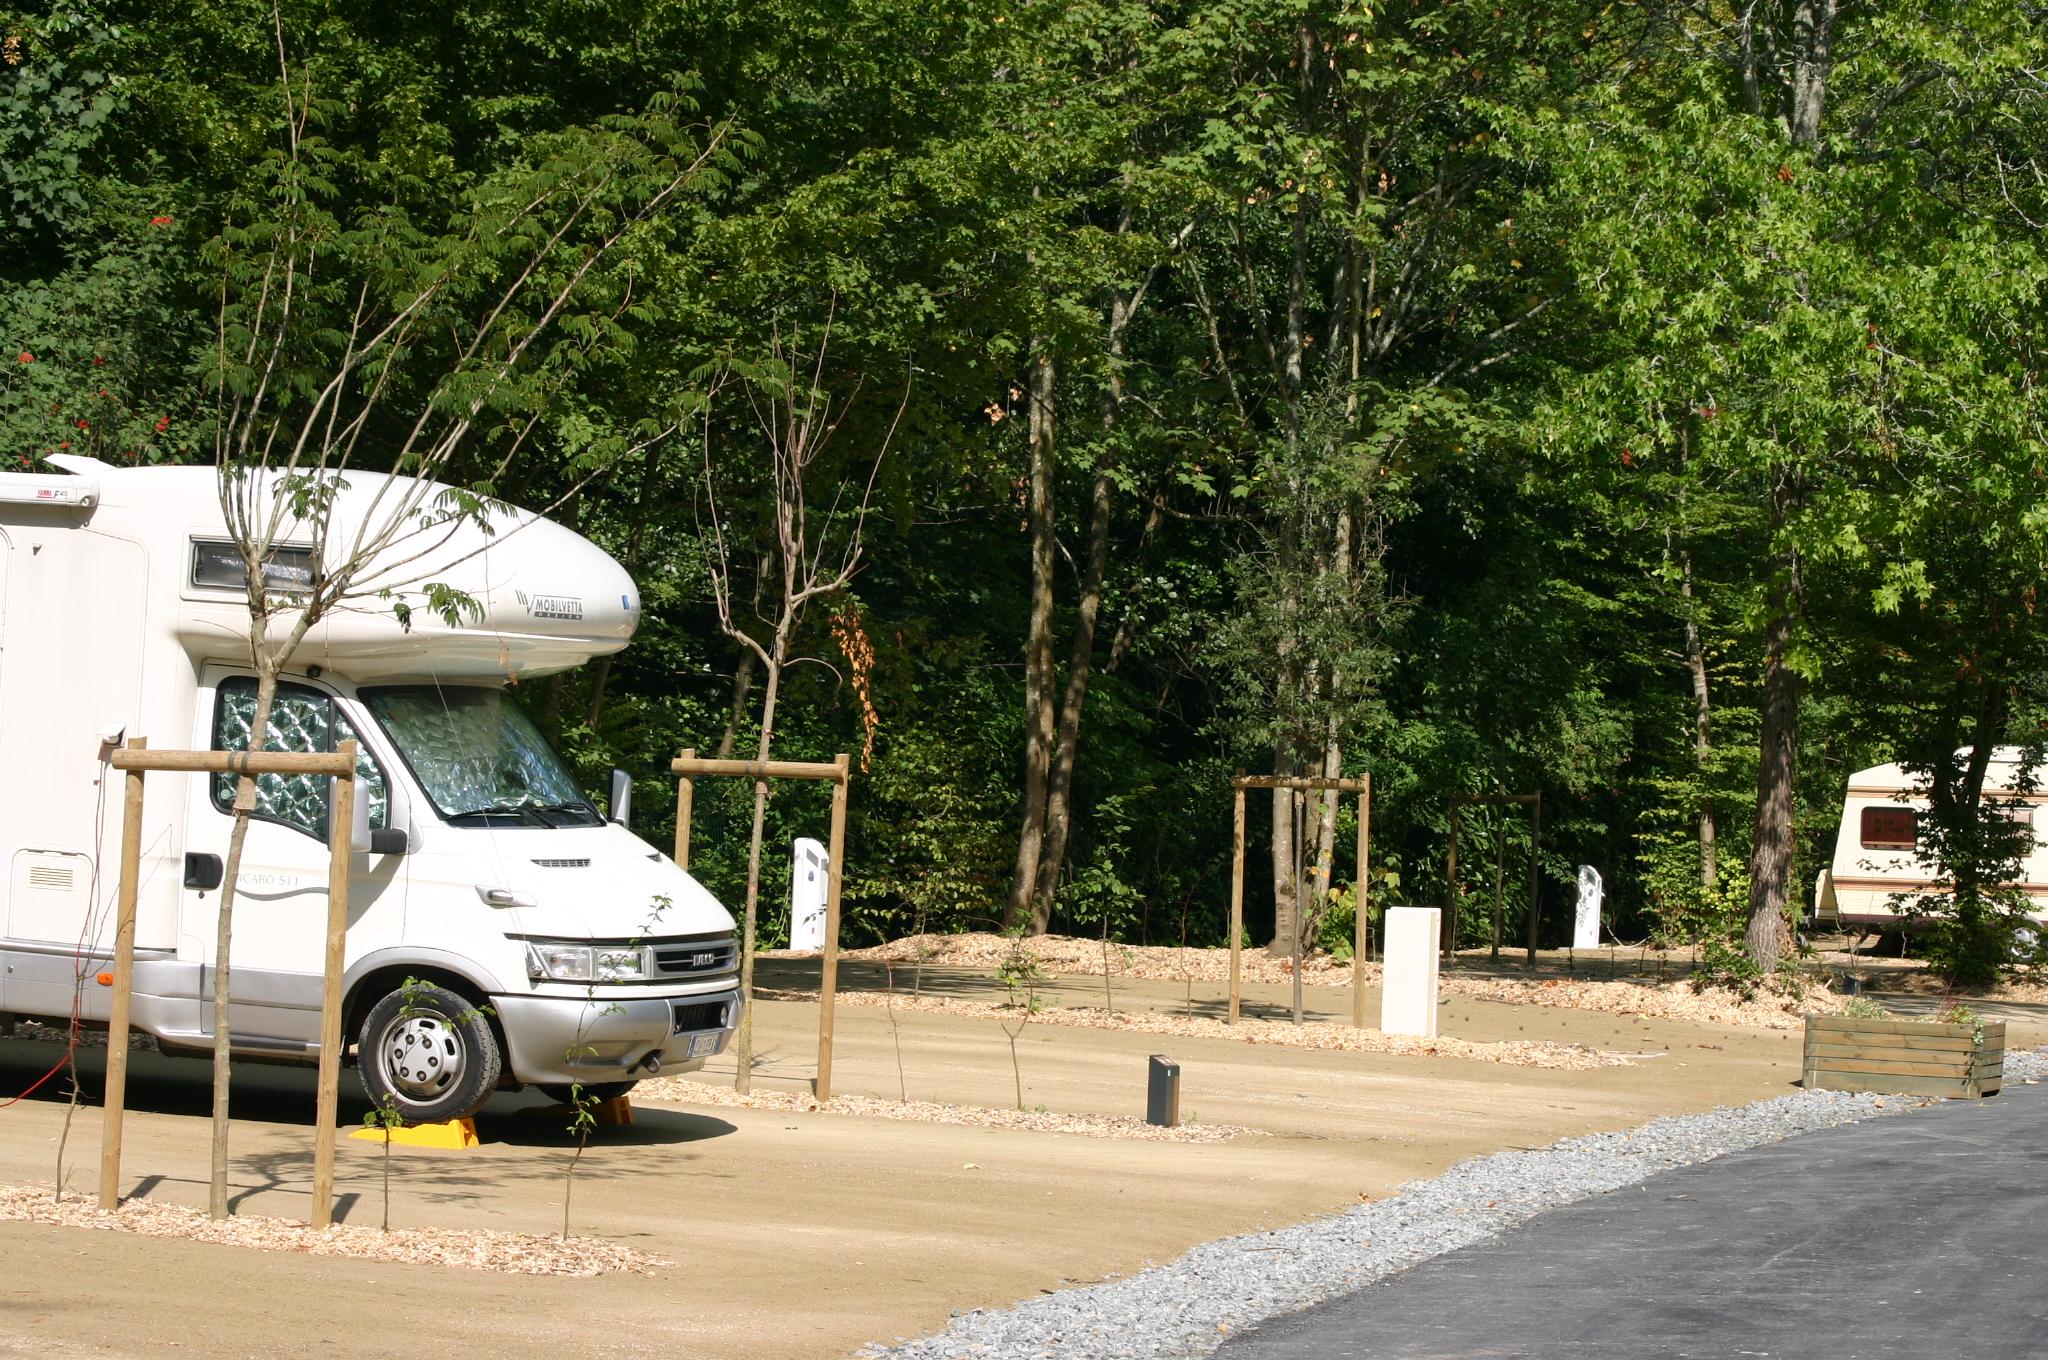 Emplacement - Forfait Acsi Camping Car + Électricité+ 1 Chien - Nantes Camping